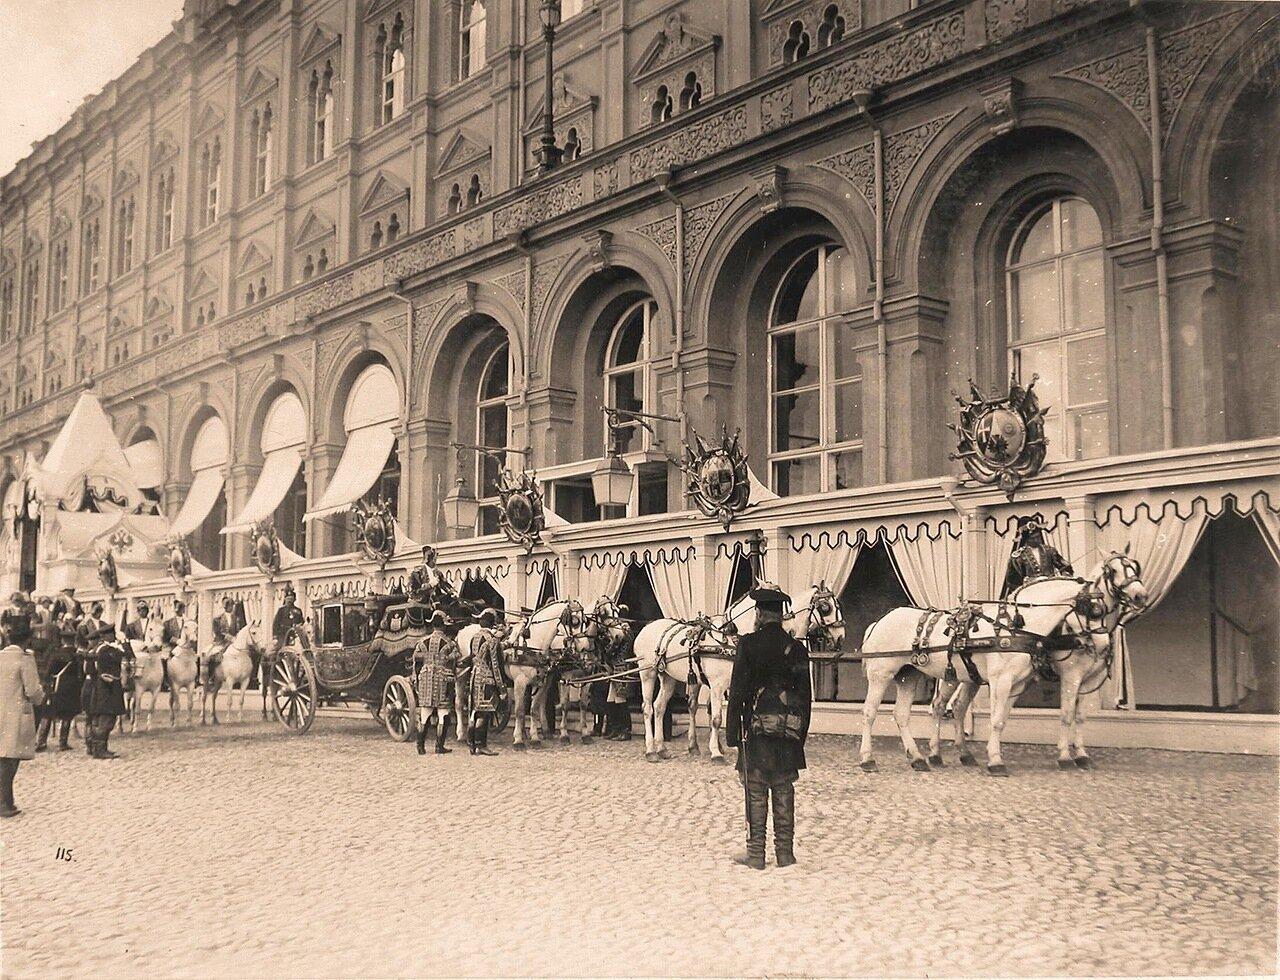 Карета, запряжённая шестёркой лошадей, у здания Большого Кремлёвского дворца в дни коронационных торжеств